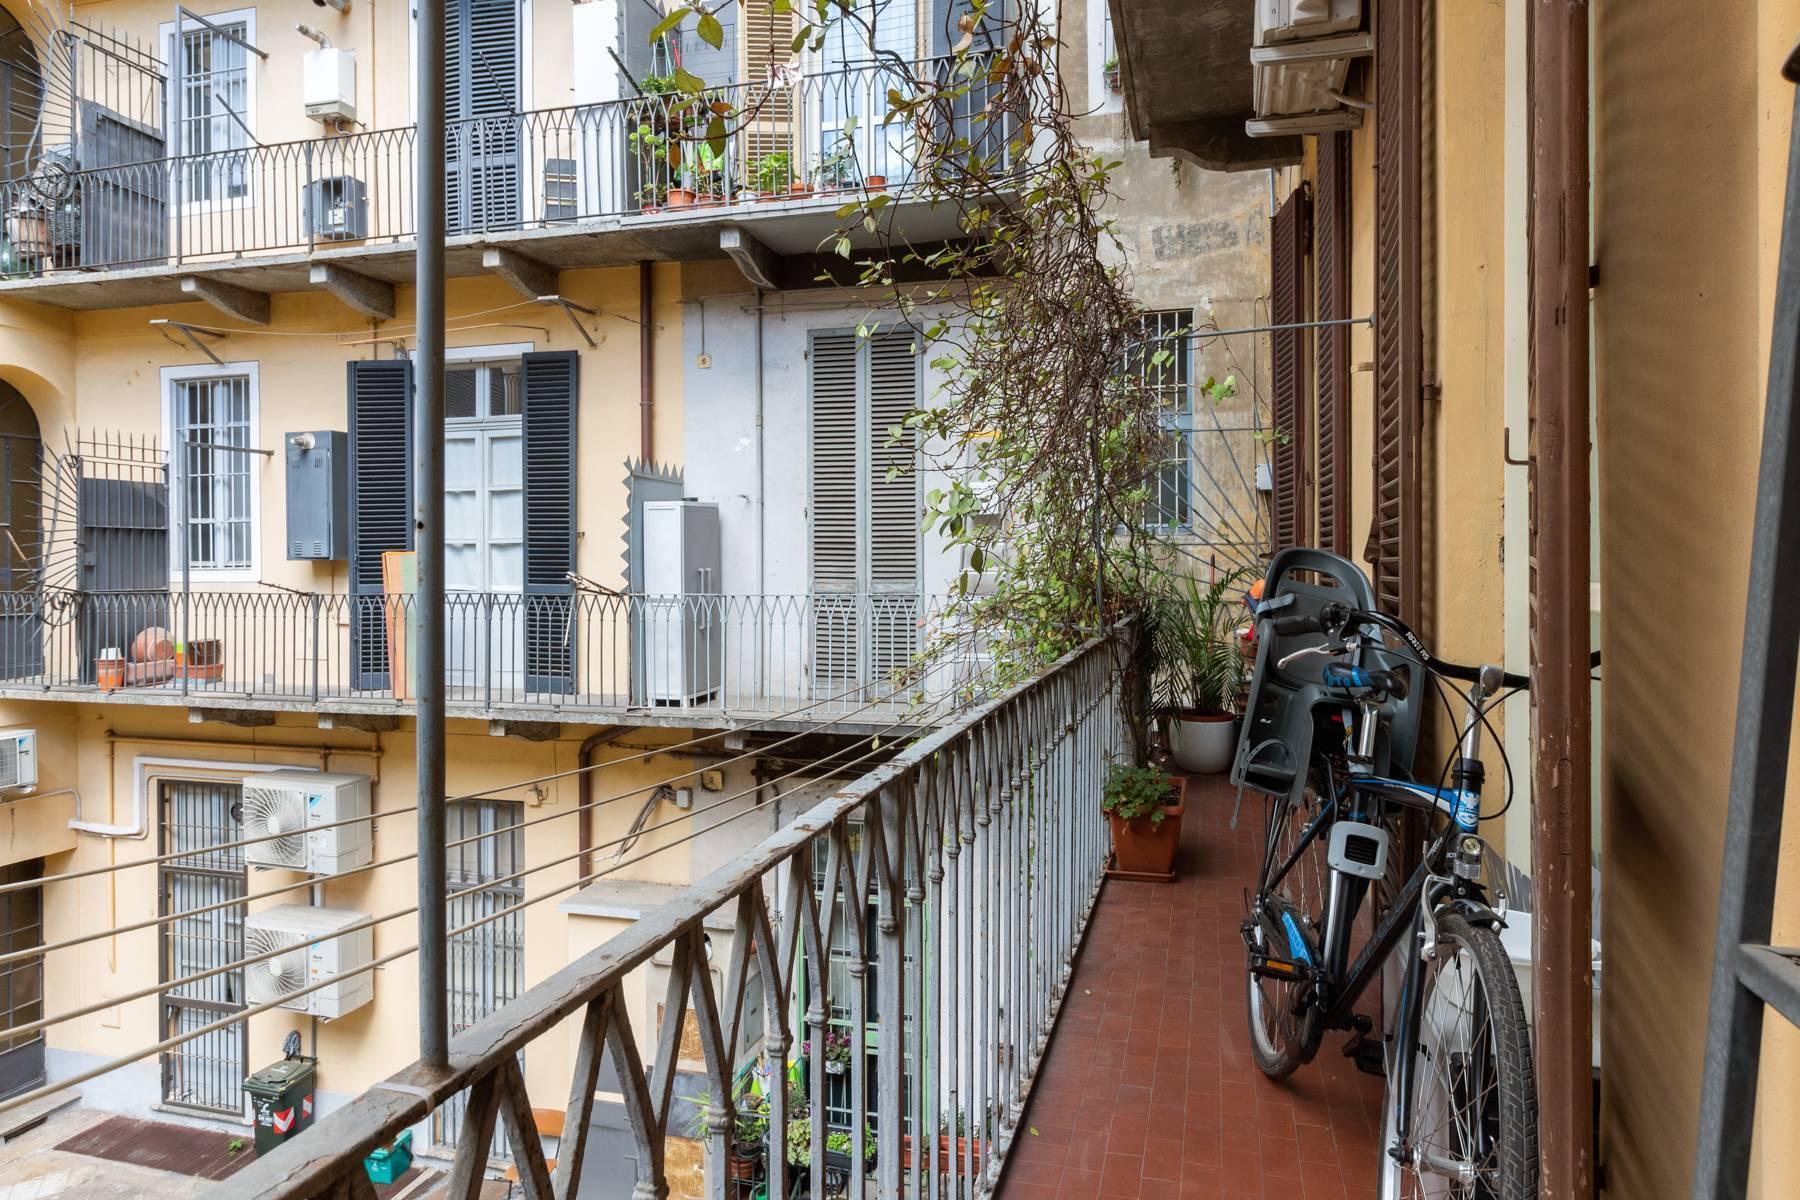 Affascinante appartamento nel cuore del quartiere Cit Turin - 20